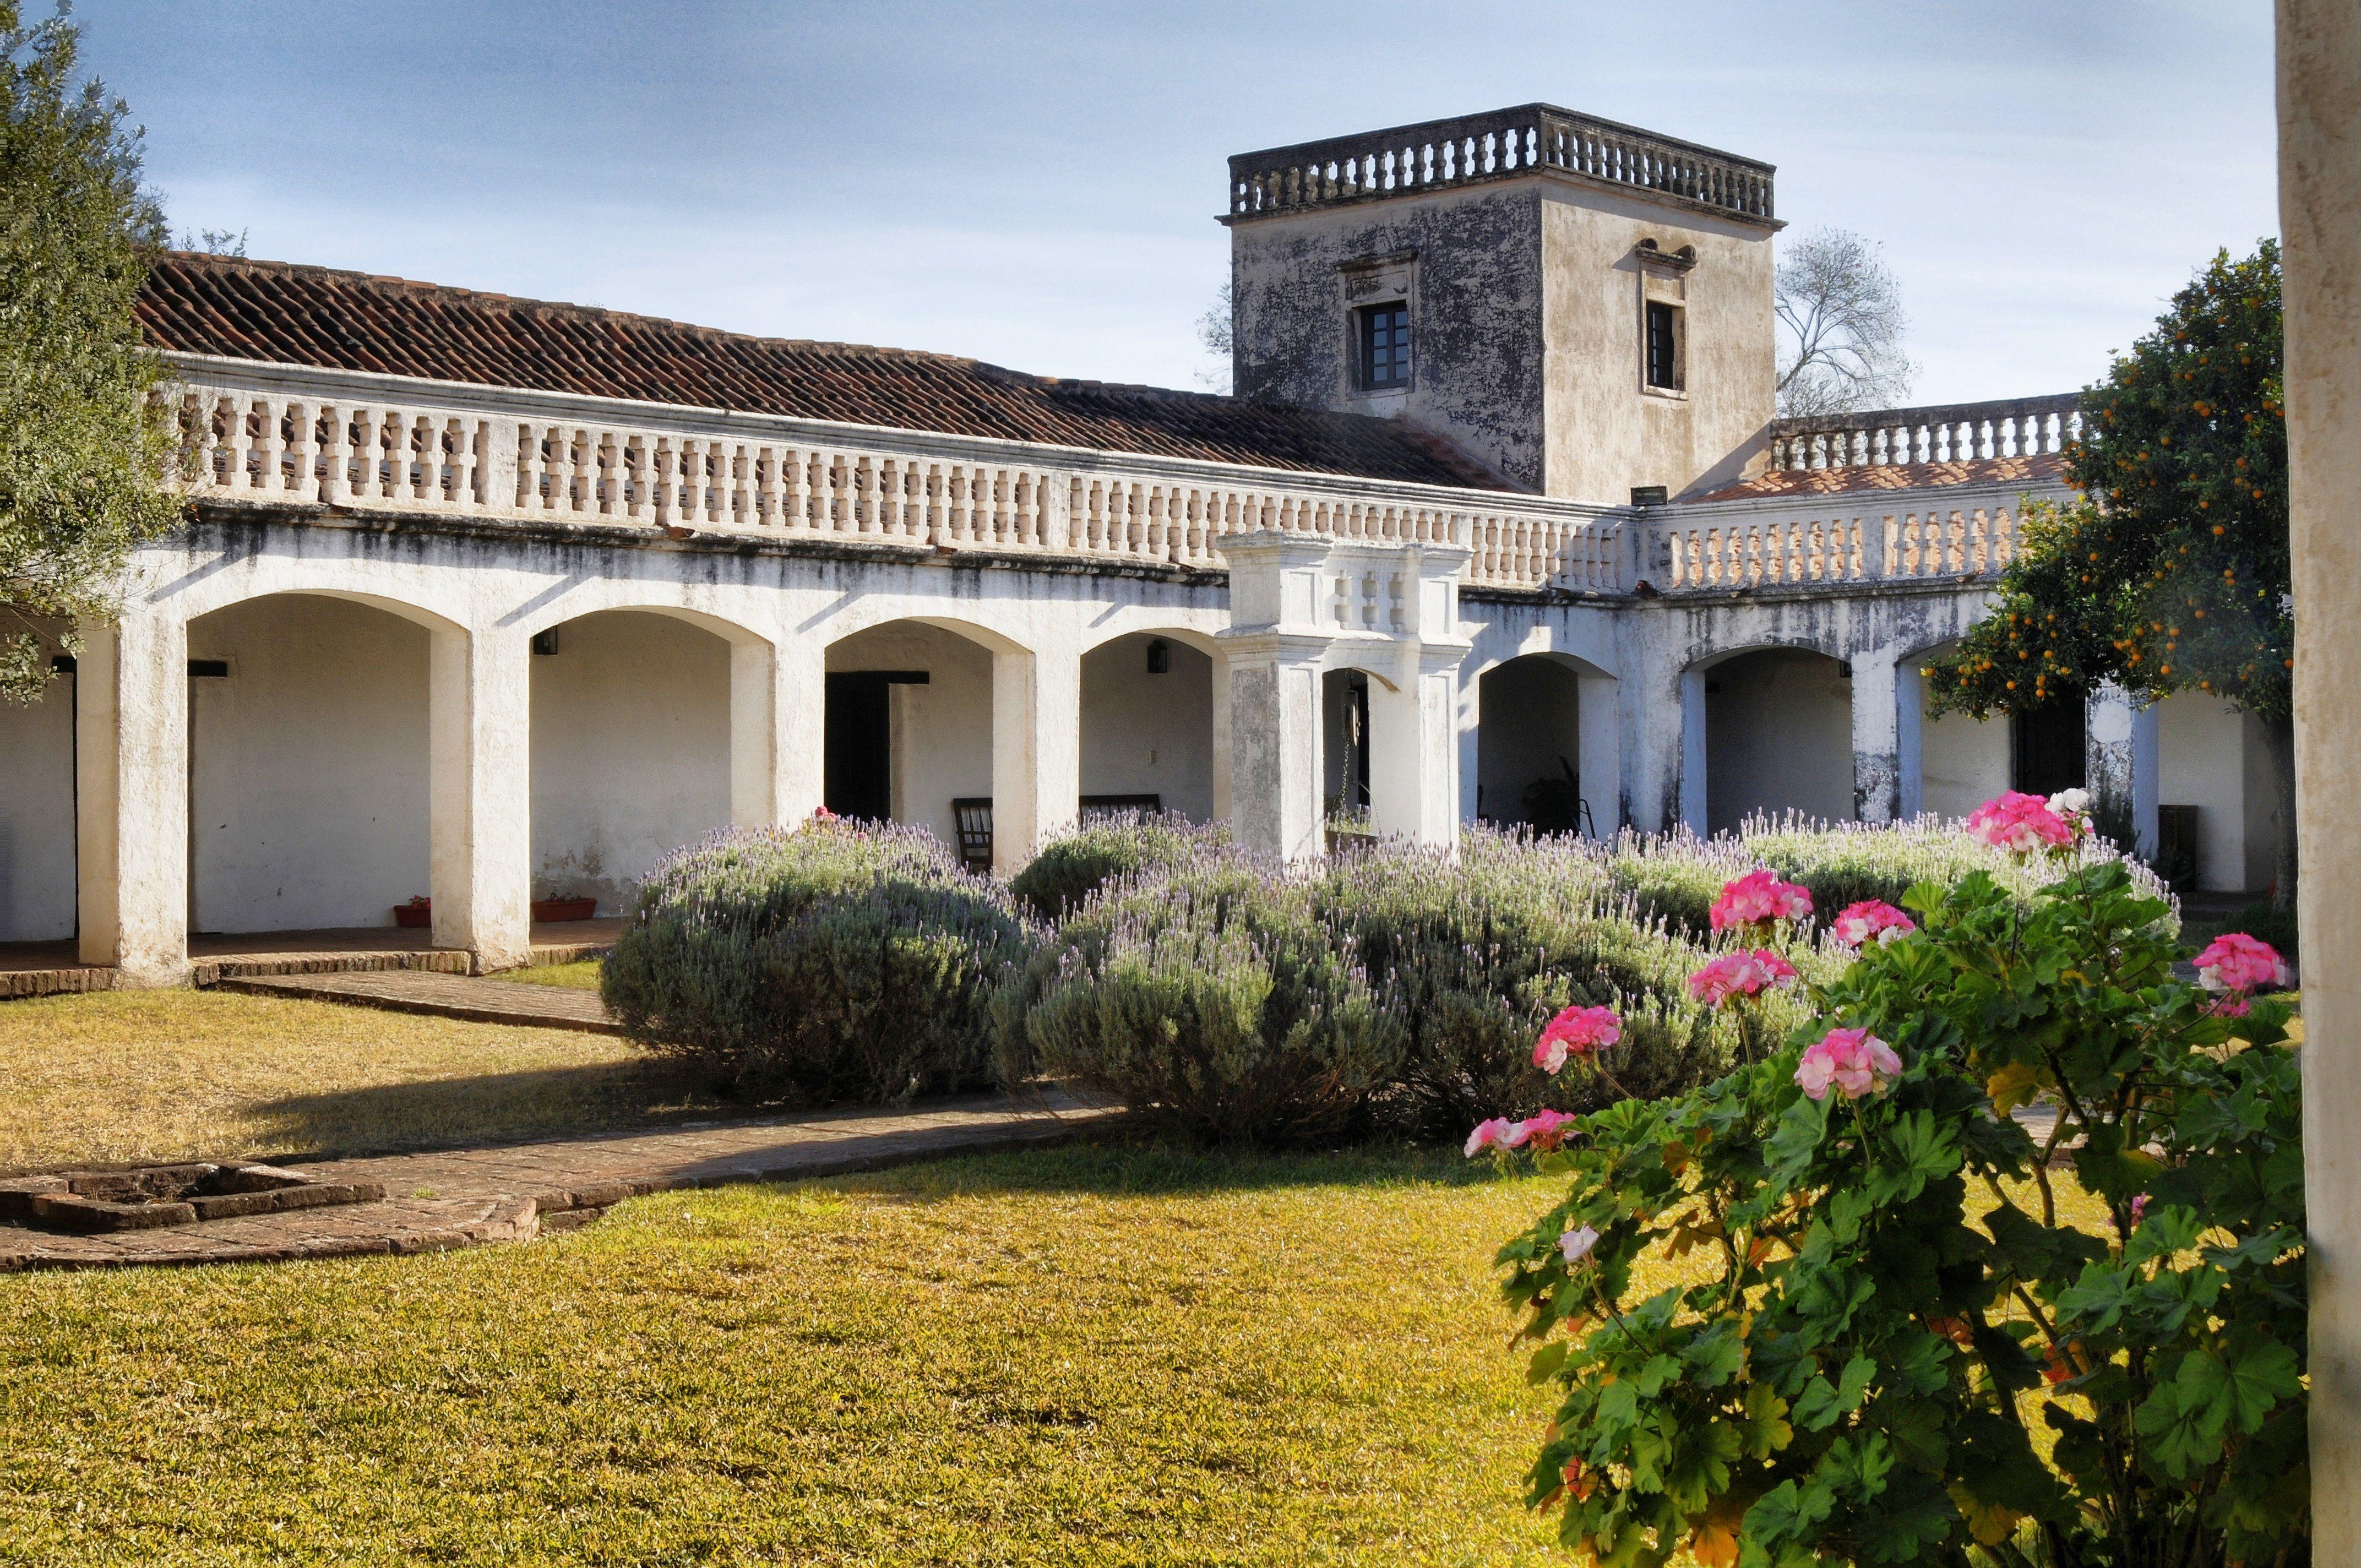 La estancia de Caroya cuenta con el Museo Histórico y de los Inmigrantes.